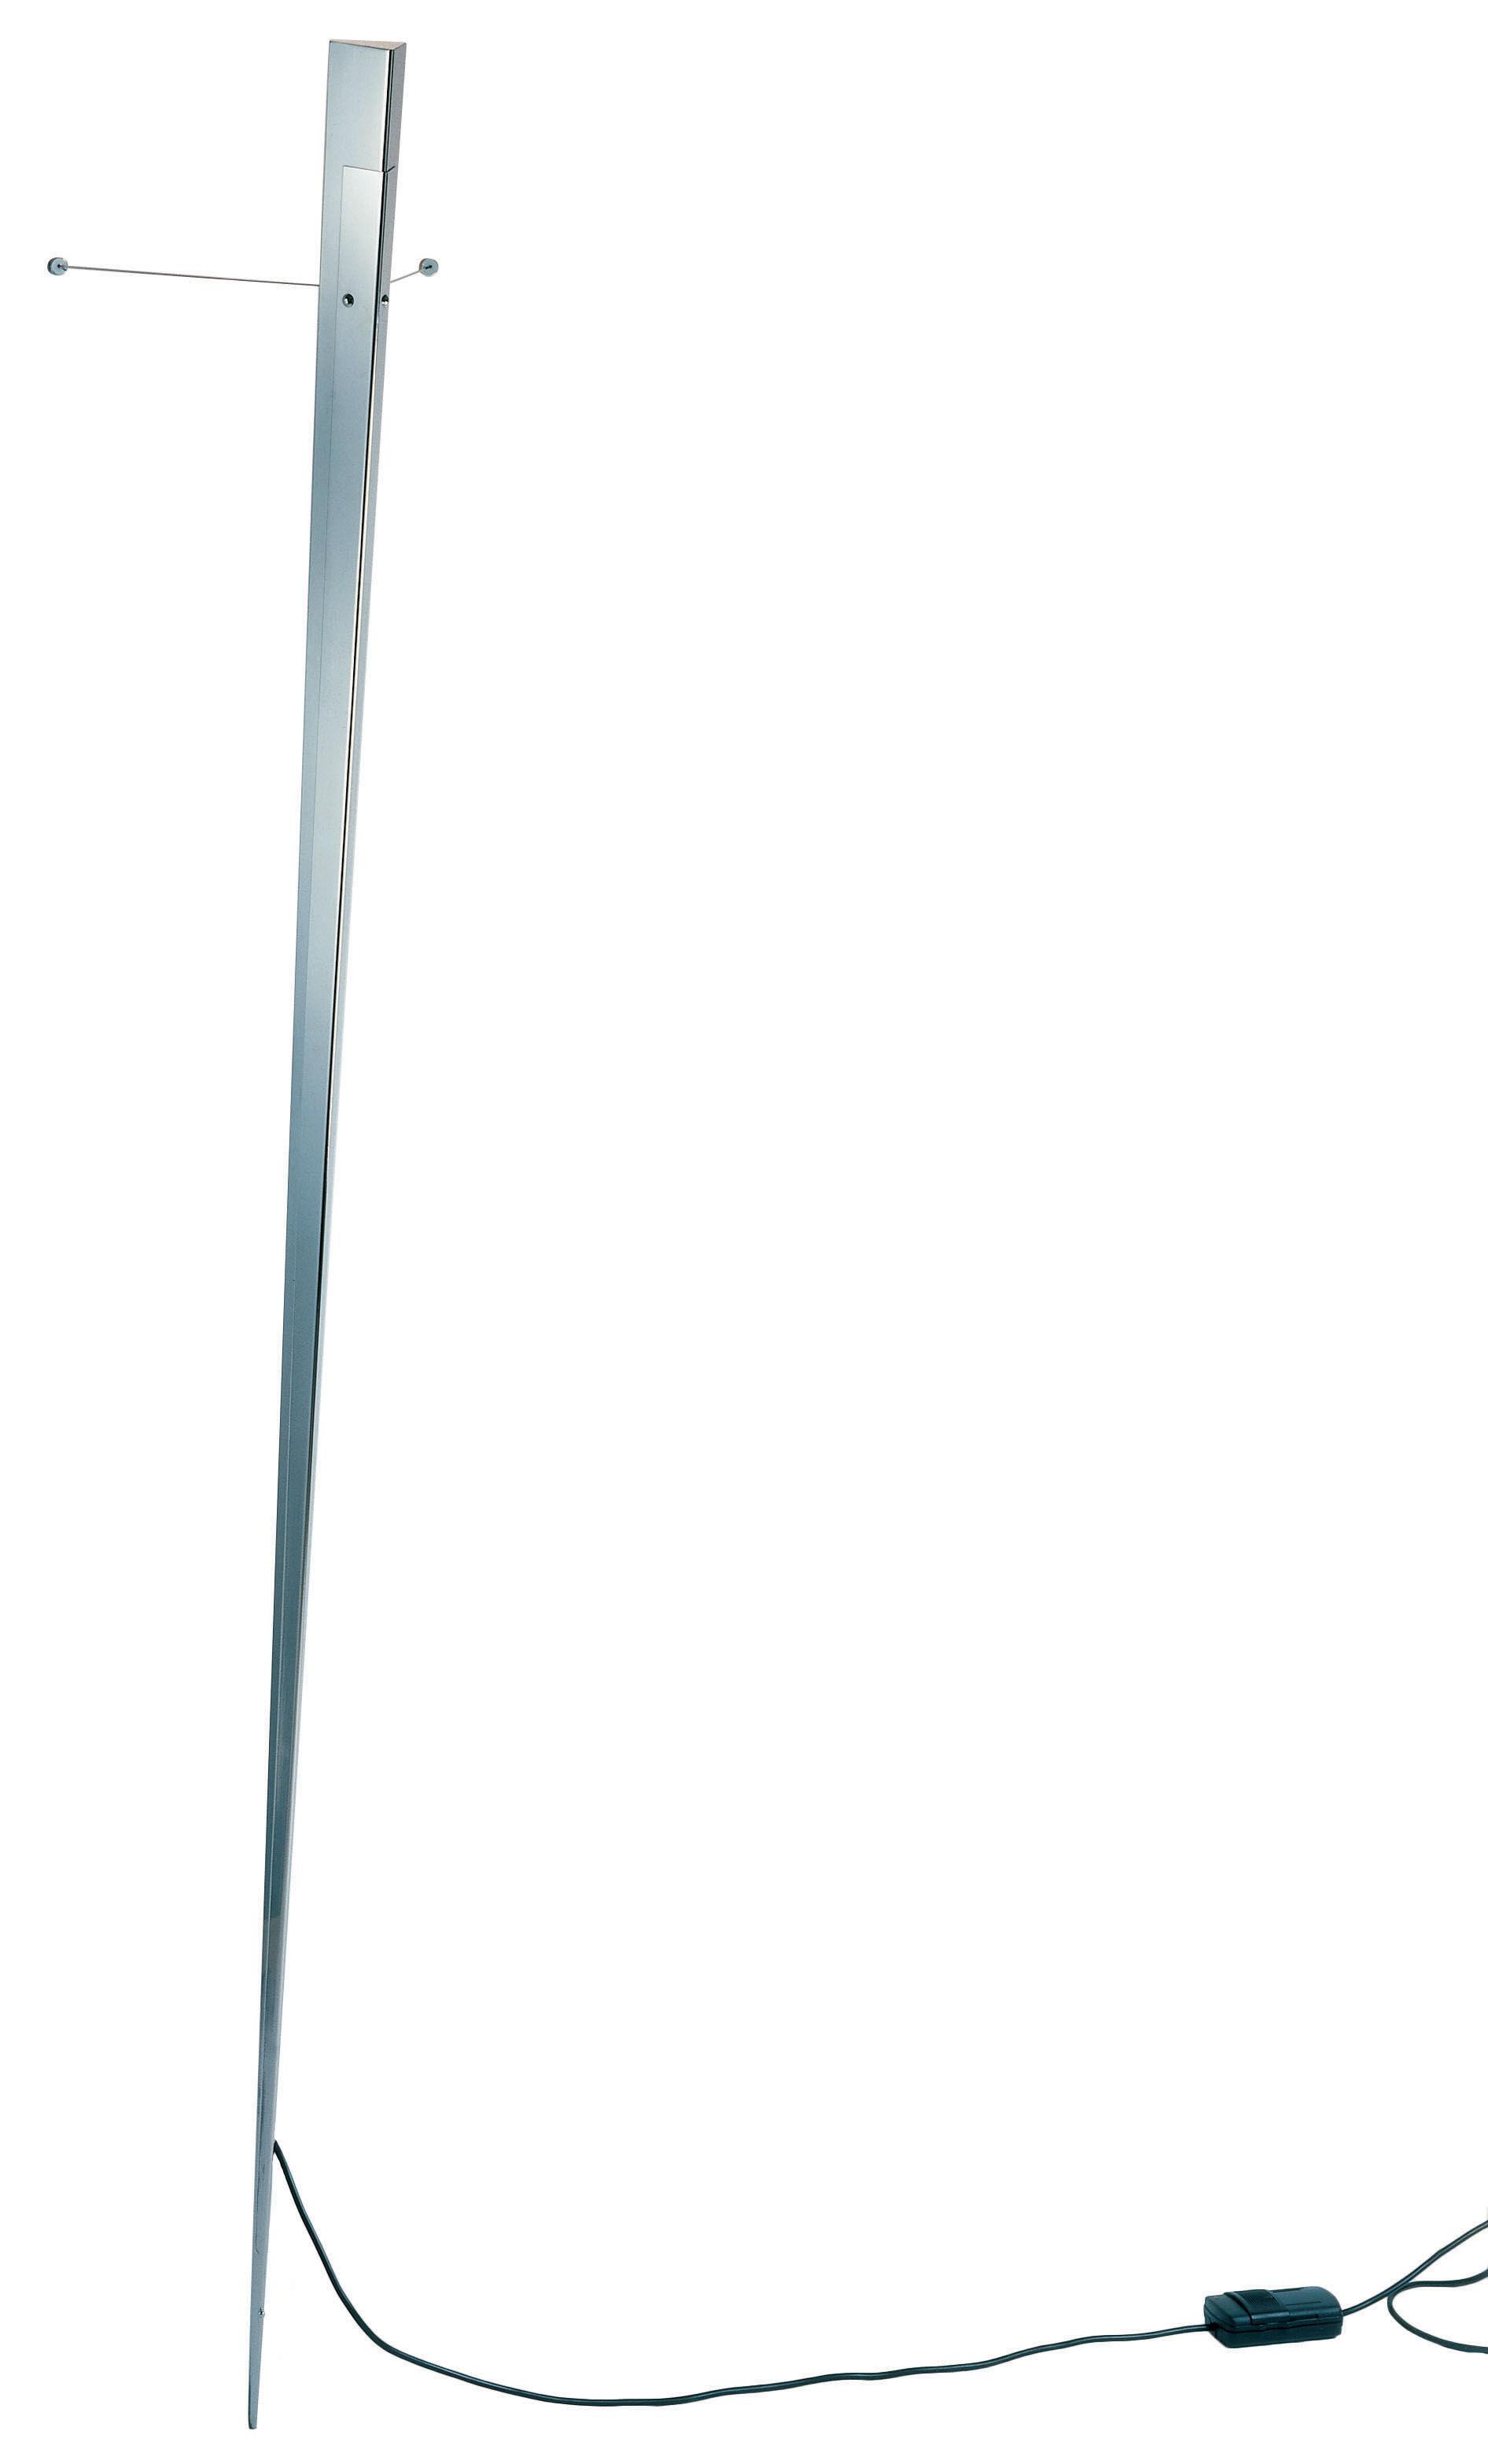 Leuchten - Wandleuchten - Torchere Wandleuchte - Lumen Center Italia - Edelstahl, gebürstet - gebürsteter Edelstahl